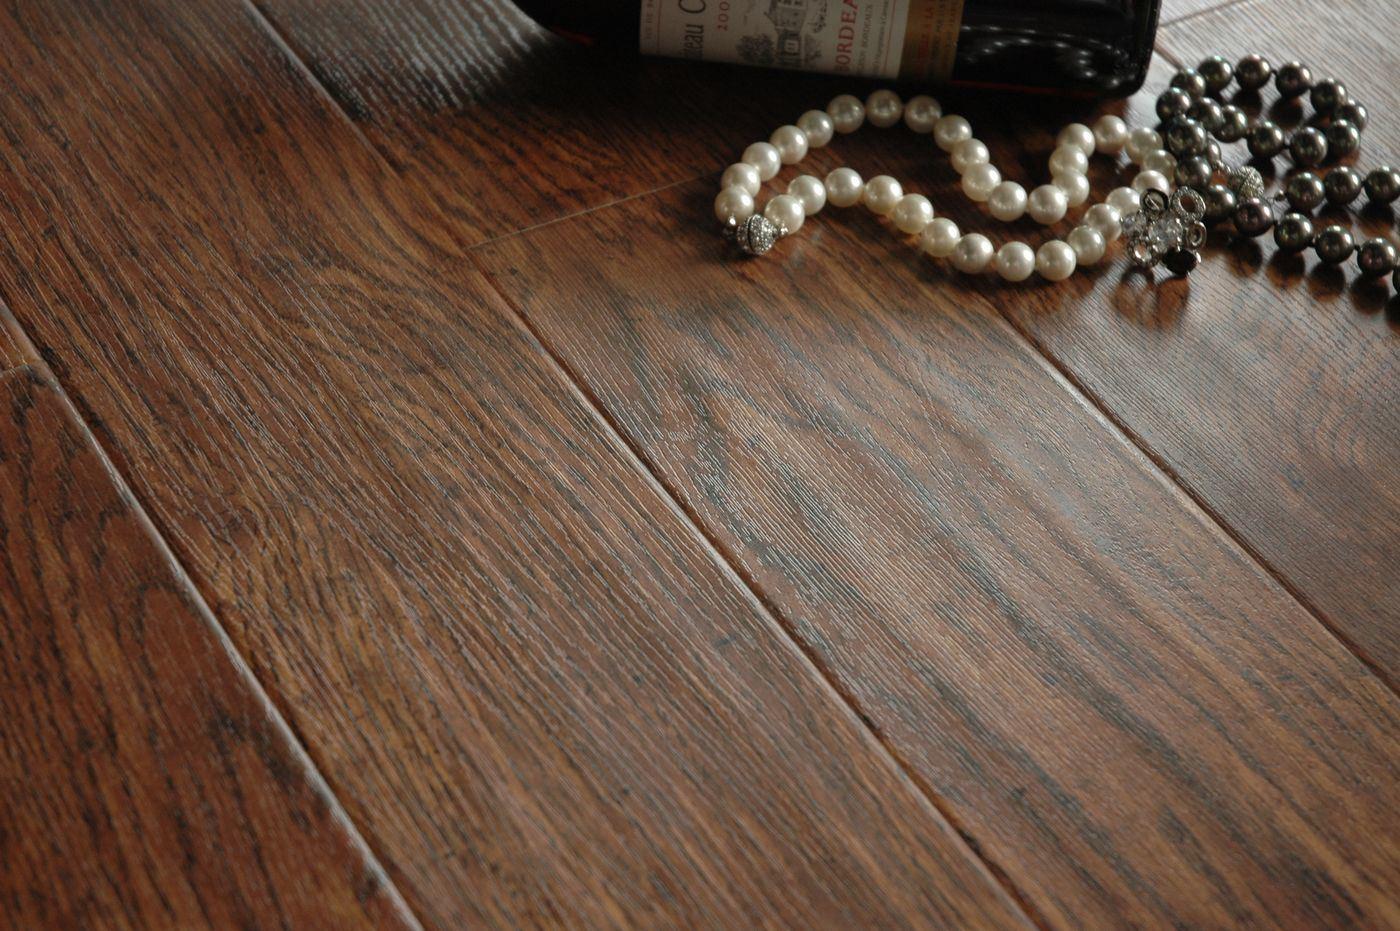 Wilsonart laminado de madera - Azulejos - Floating mejor Pisos - BALBOA REVESTIMIENTOS - San Diego (alfombras pisos de madera, pisos de madera laminada)